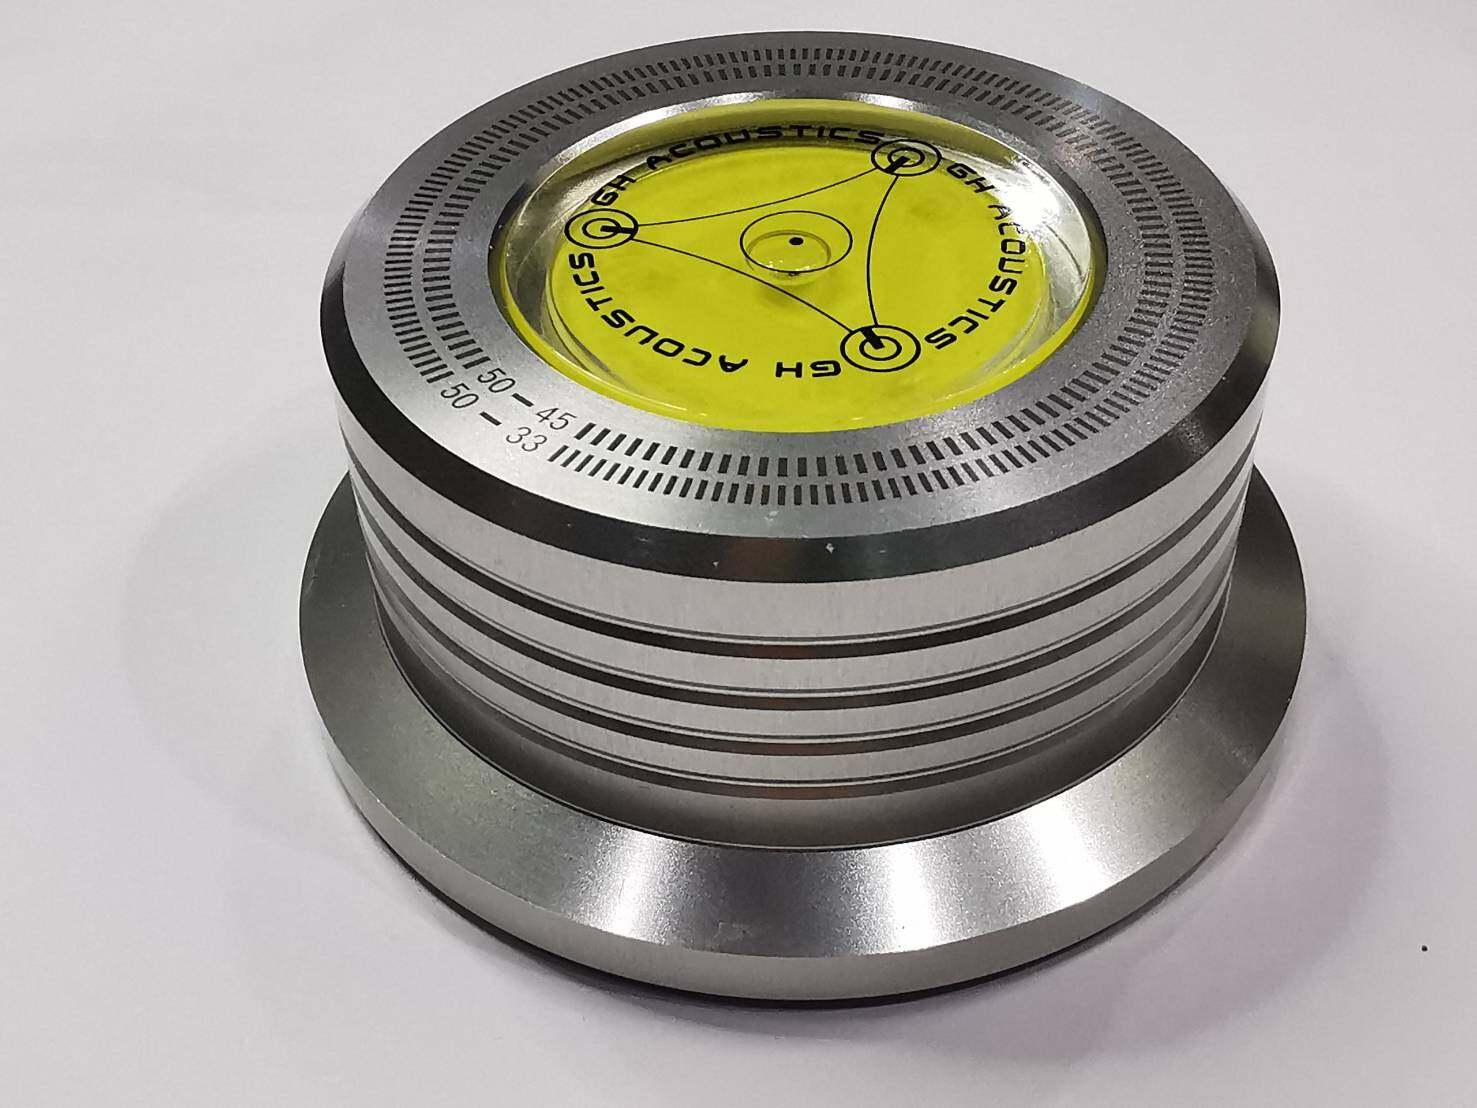 Disc Stabilizer ที่ทับแผ่นเสียง มีสีดำ สีเงิน สีทอง วัสดุ Aluminum น้ำหนัก 278 g.(กรัม) ช่วยให้ขณะเล่นเพลงจากแผ่นเสียงนิ่งดีขึ้น(Stabilizer)